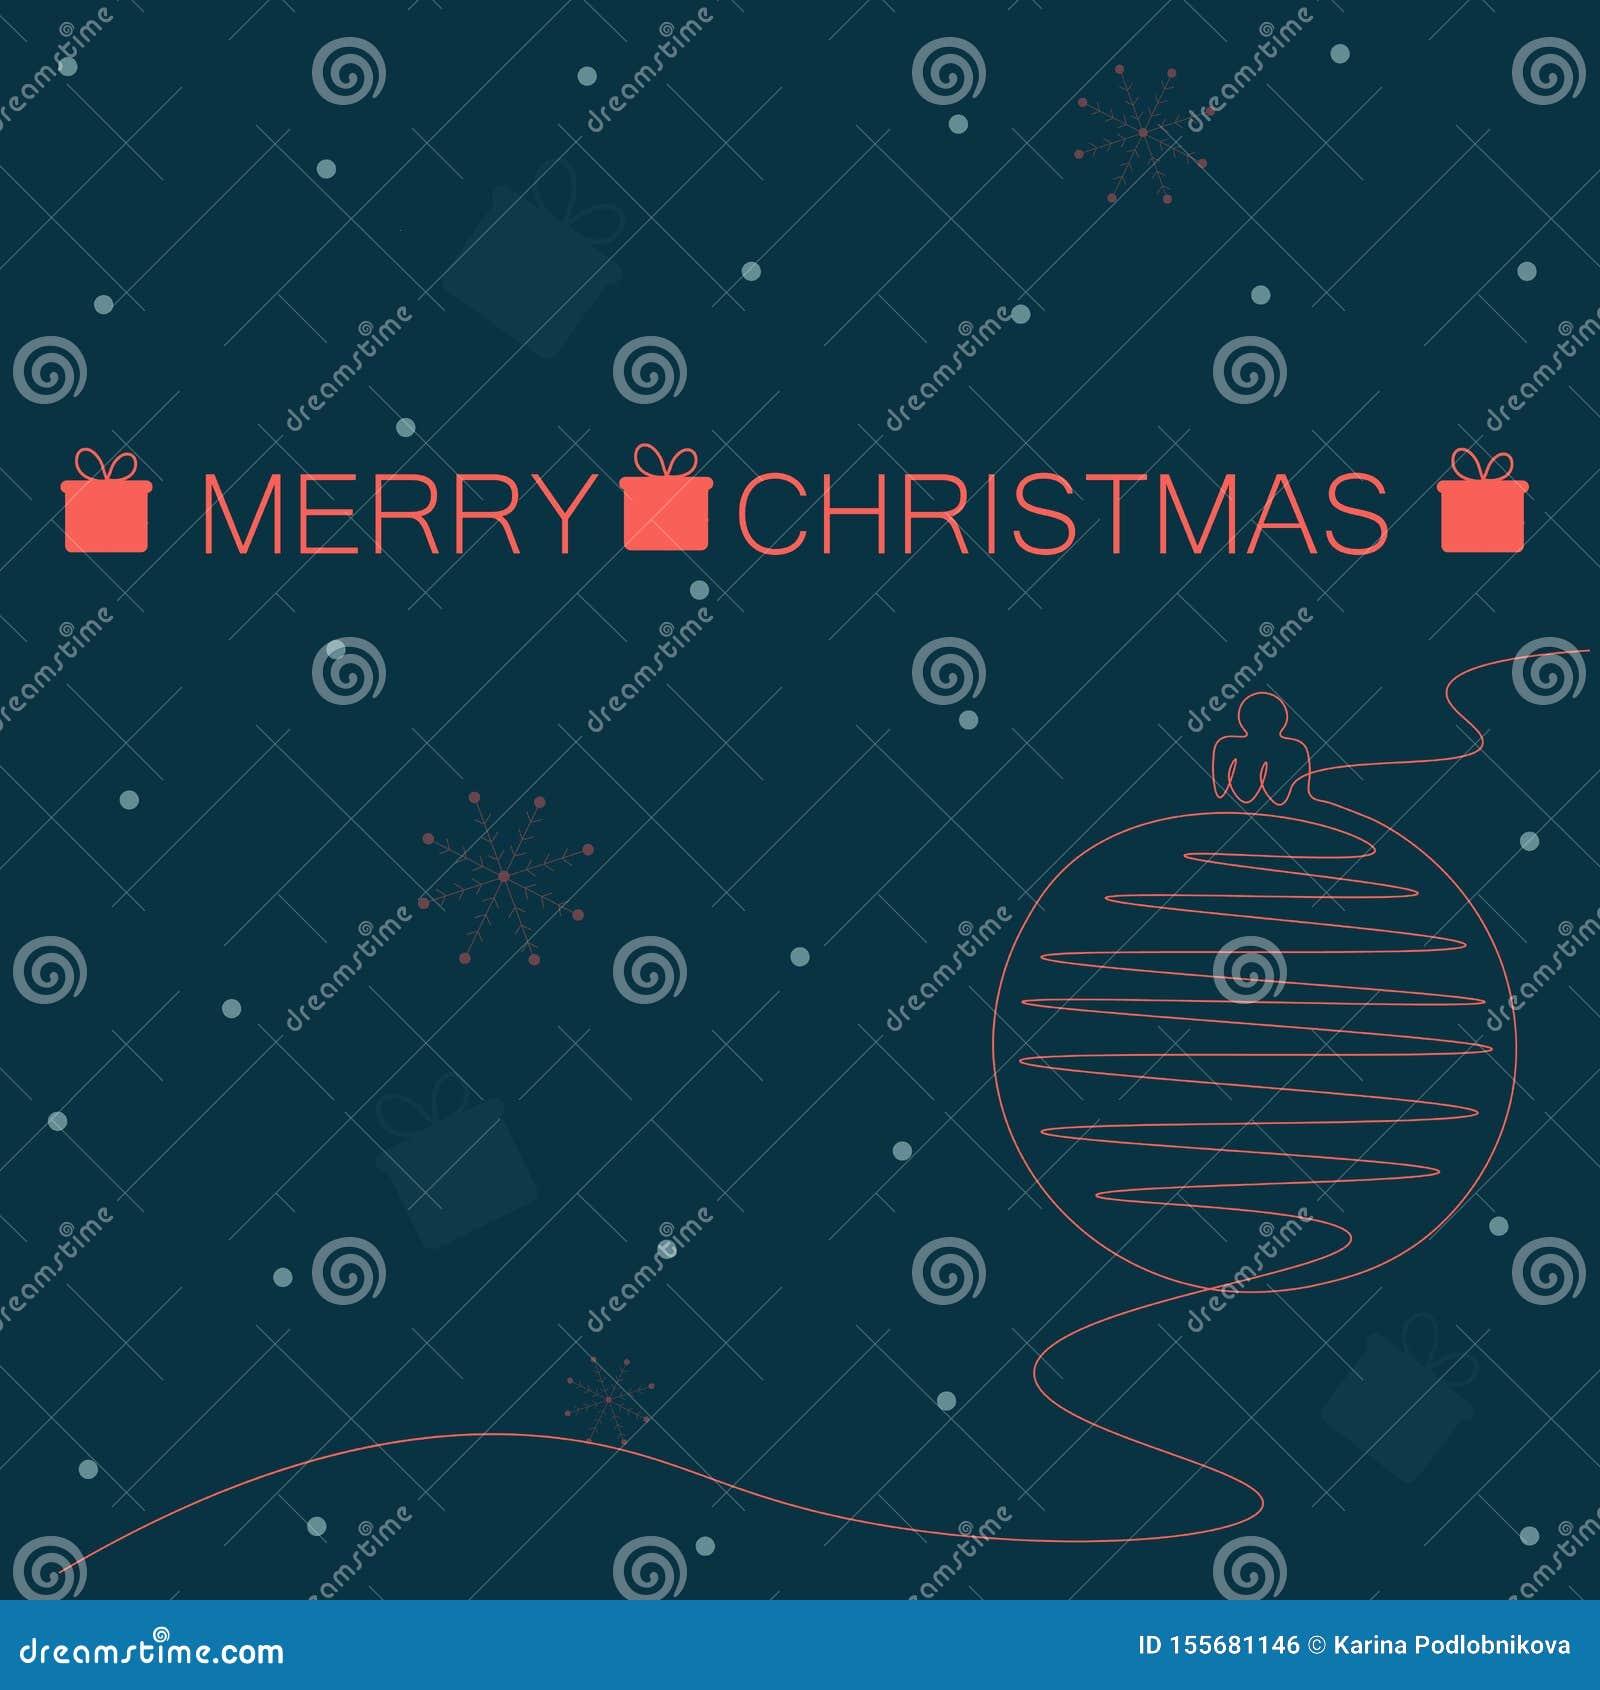 Cartão do Feliz Natal com estrelas e anjos, vetor